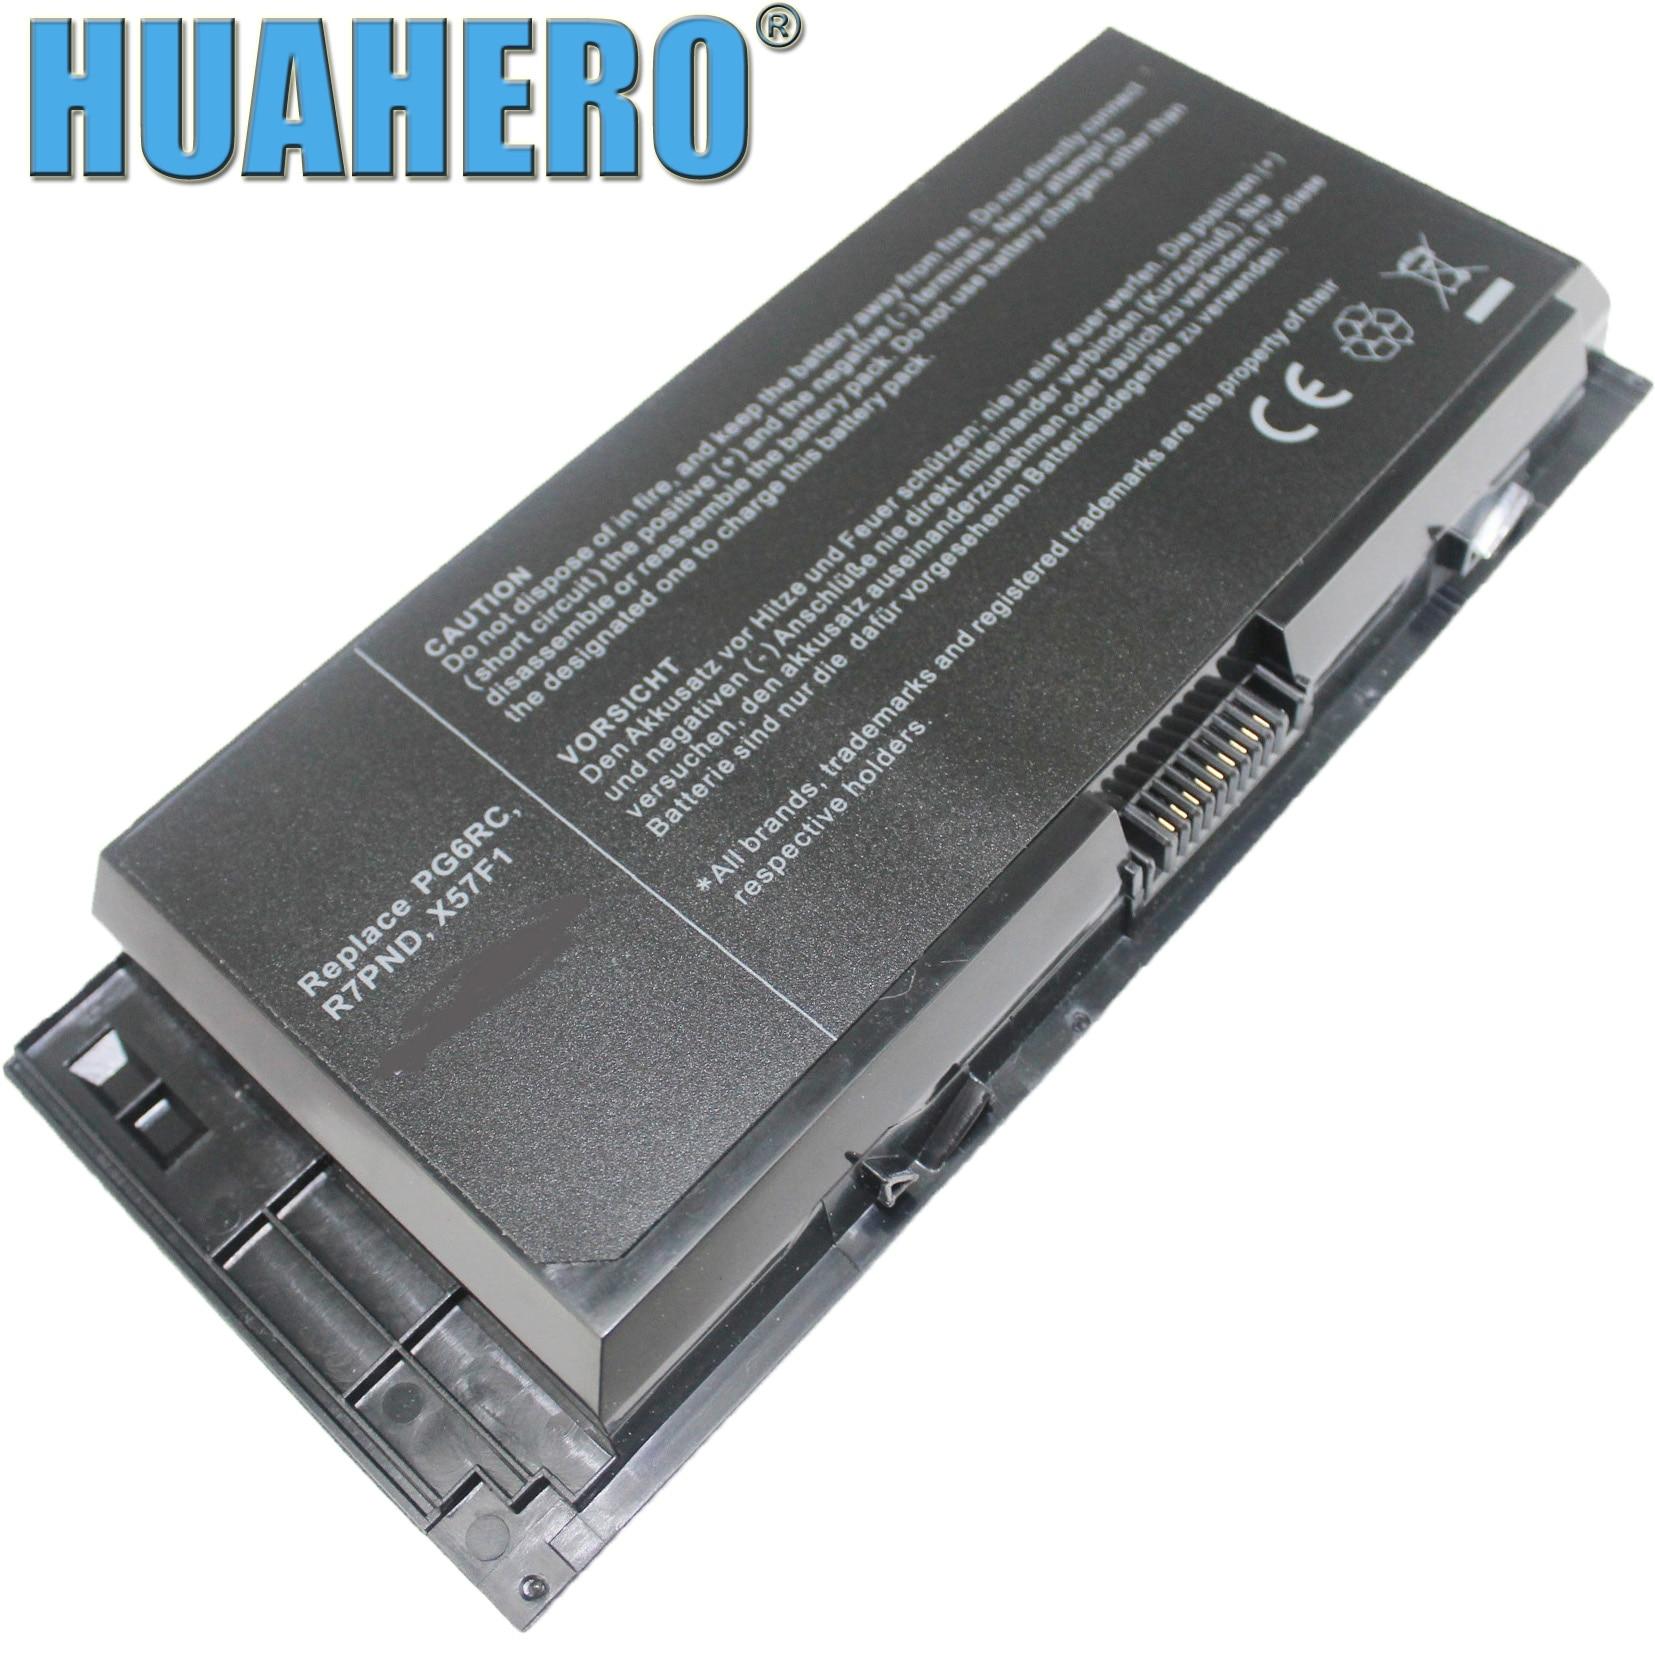 Батарея HUAHERO для ноутбука DELL Precision M6600 M6700 M6800 M4800 M4600 M4700 FV993 FJJ4W PG6RC R7PND OTN1K5 97KRM 9GP08 KJ321